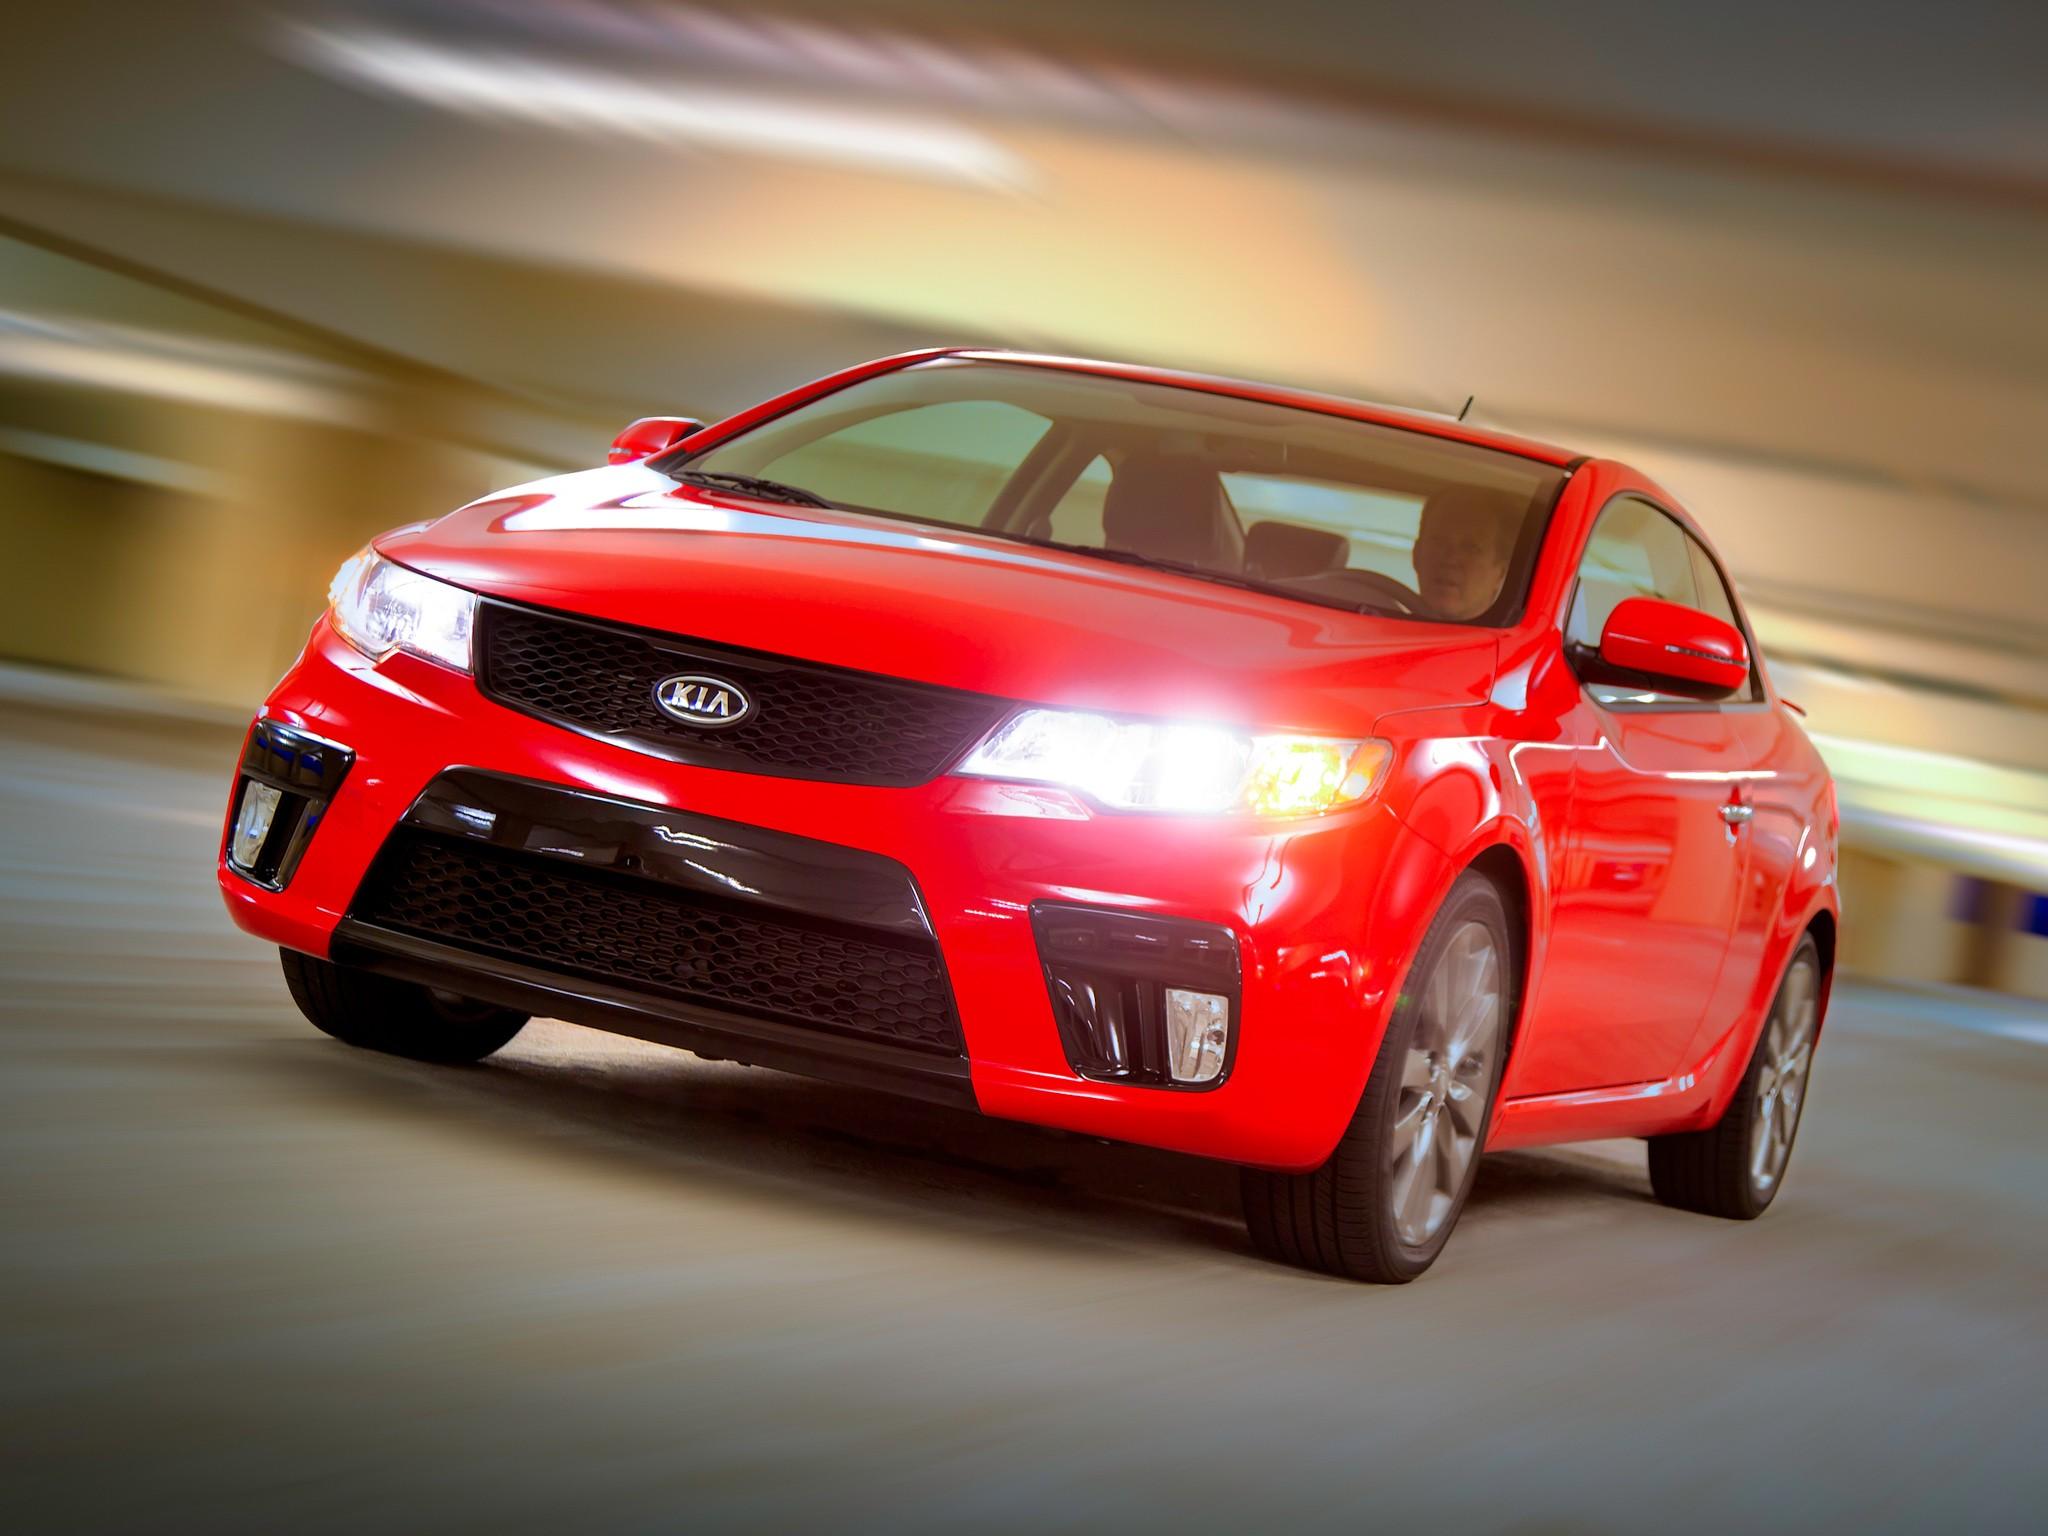 Kia Forte Lx >> KIA Forte Koup specs & photos - 2009, 2010, 2011, 2012, 2013 - autoevolution